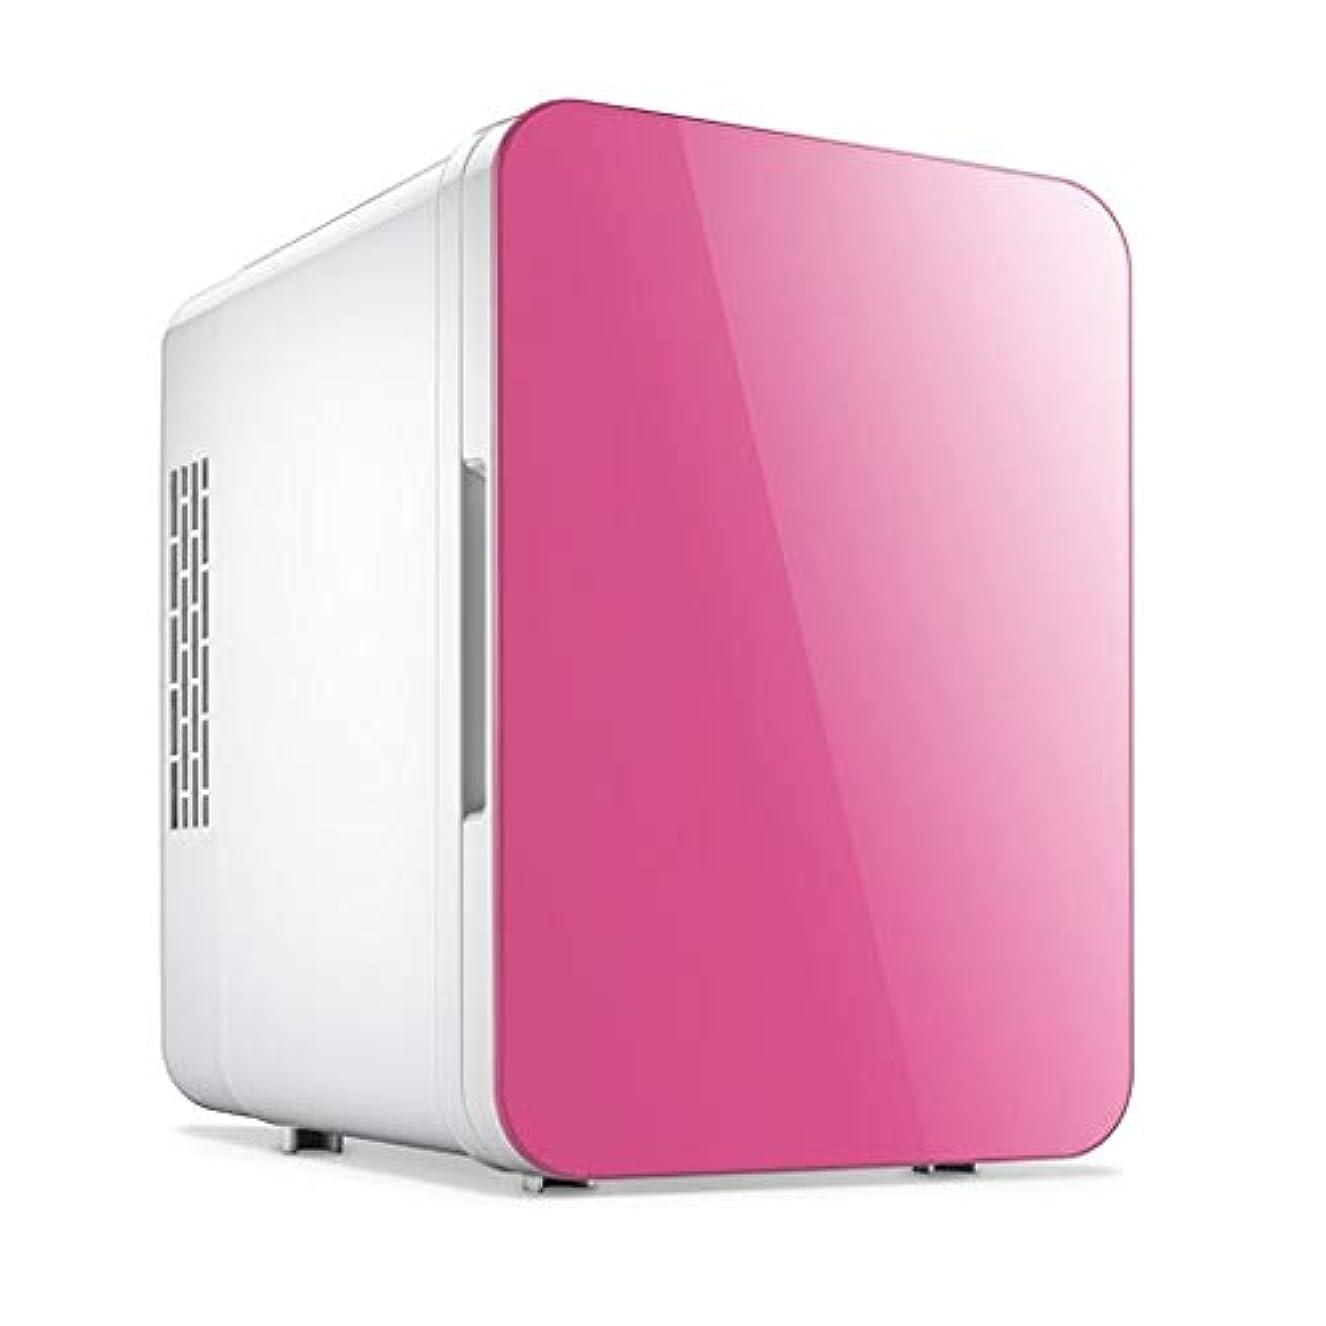 究極の葡萄処方する携帯用小型冷却装置電気クーラーおよびより暖かい冷蔵収納ボックス車の冷蔵庫25 * 18 * 24 cm (Color : Pink)